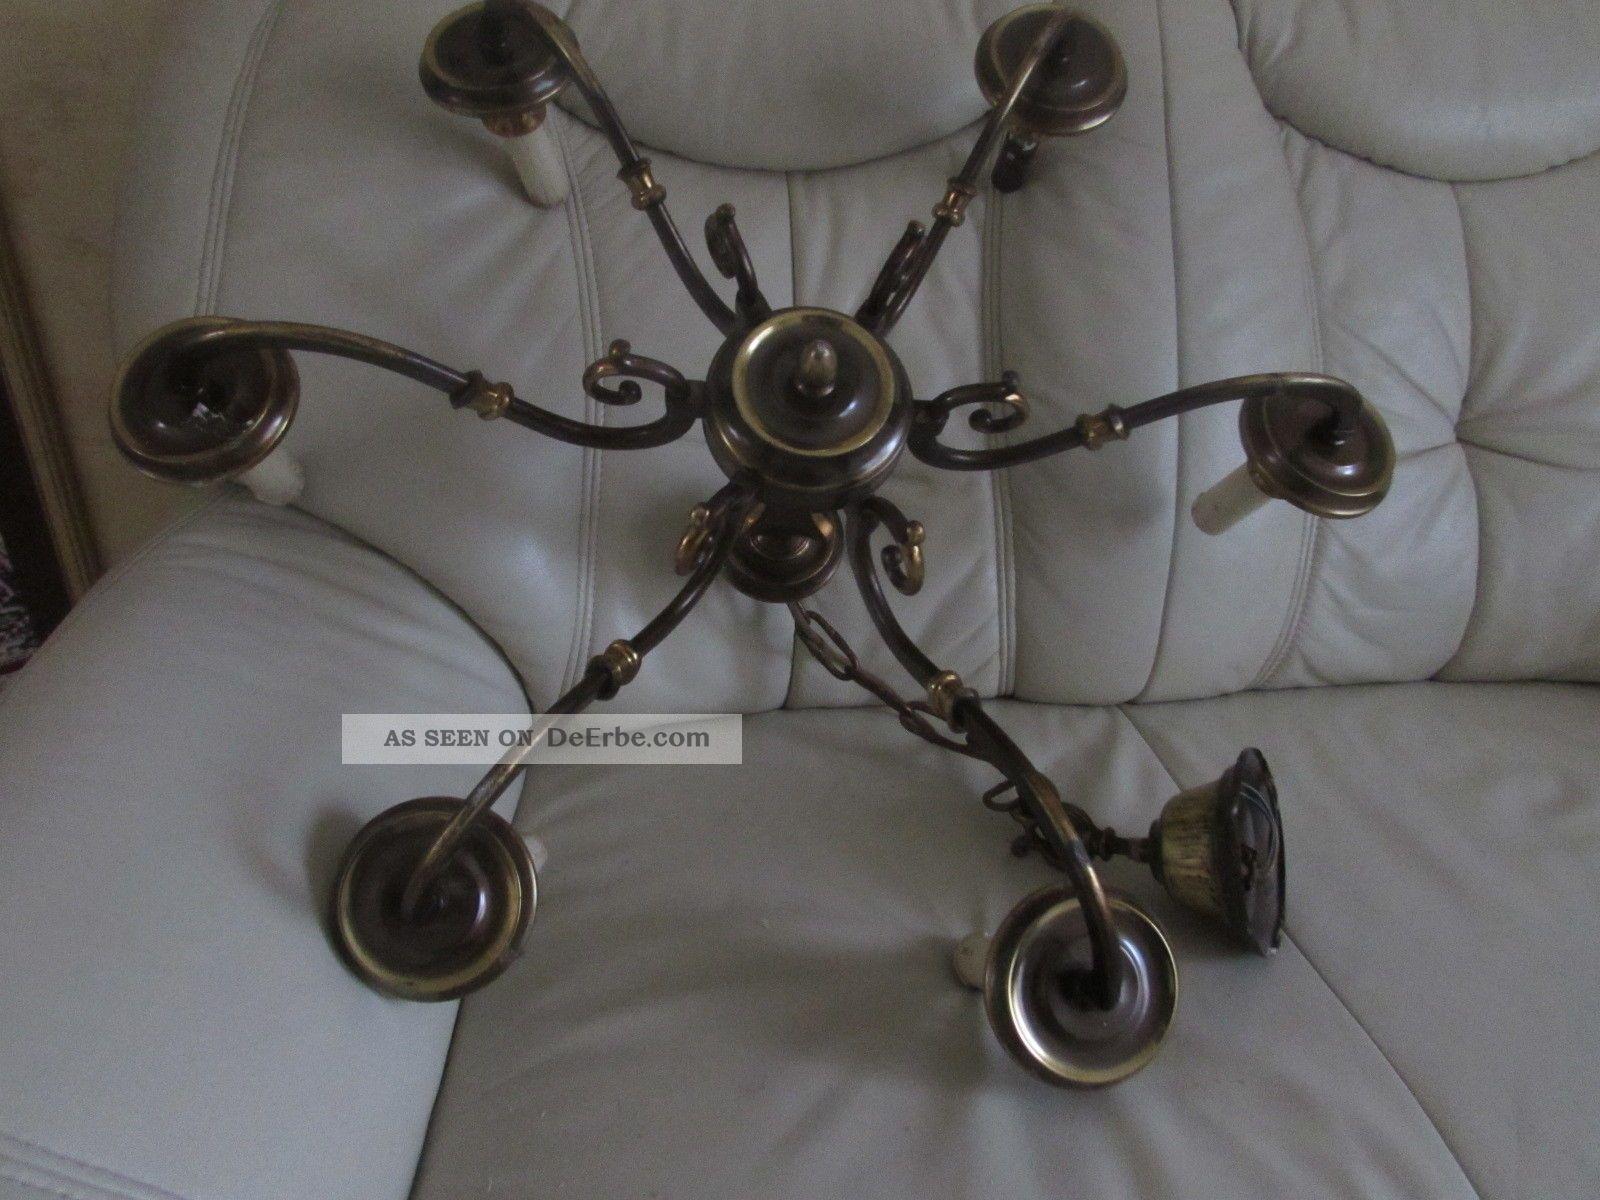 alt sehr sch ne kronleuchter l ster deckenlampe messing lampe mit 6 flaming. Black Bedroom Furniture Sets. Home Design Ideas